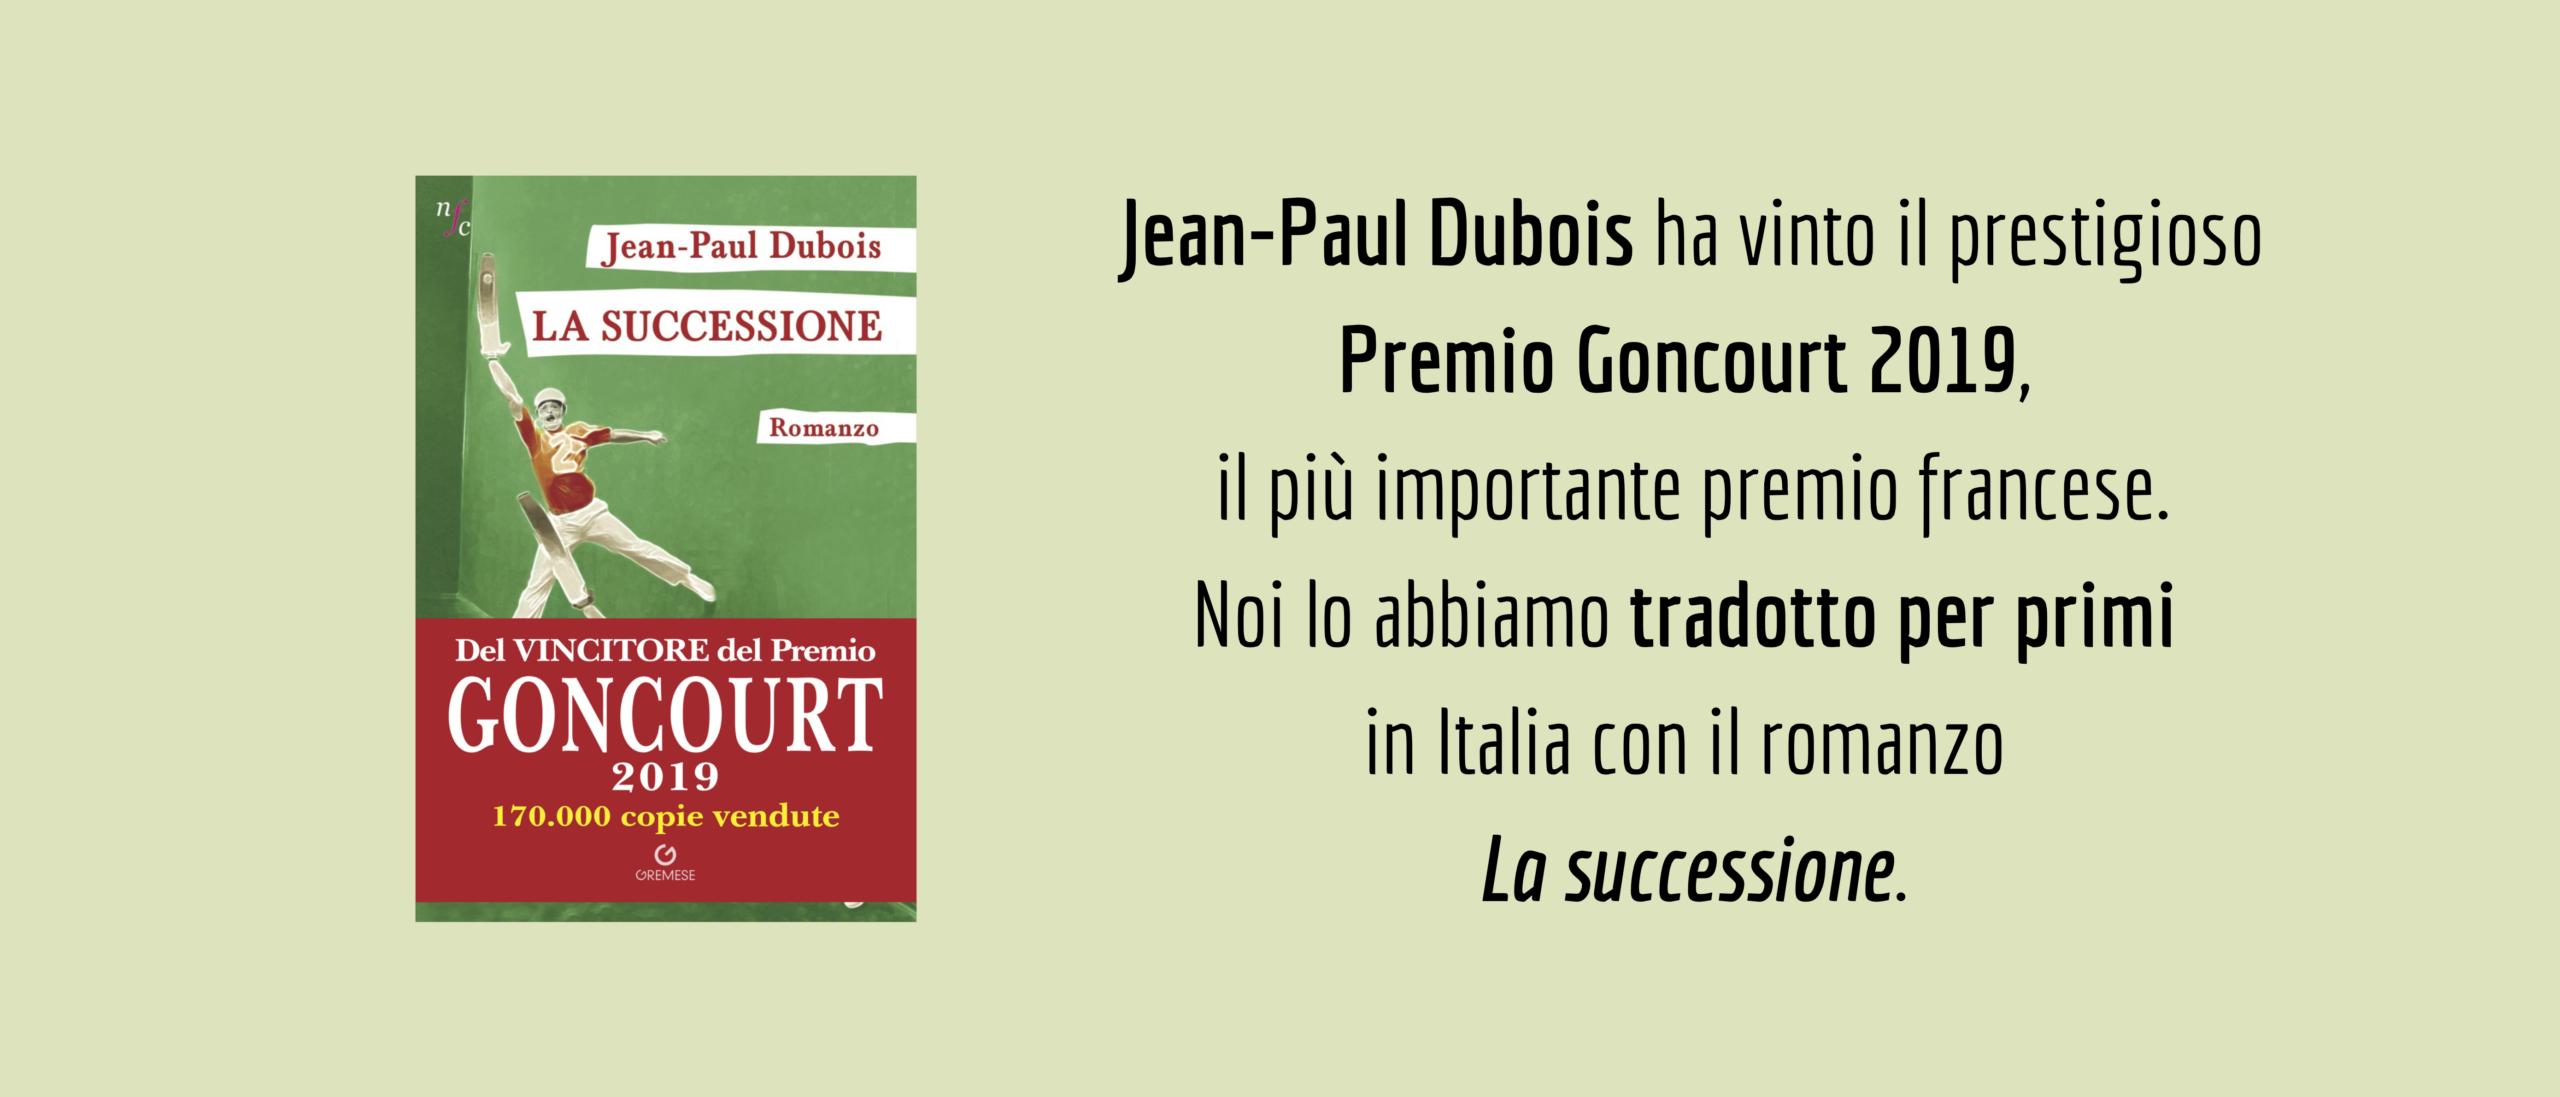 premio goncourt dubois